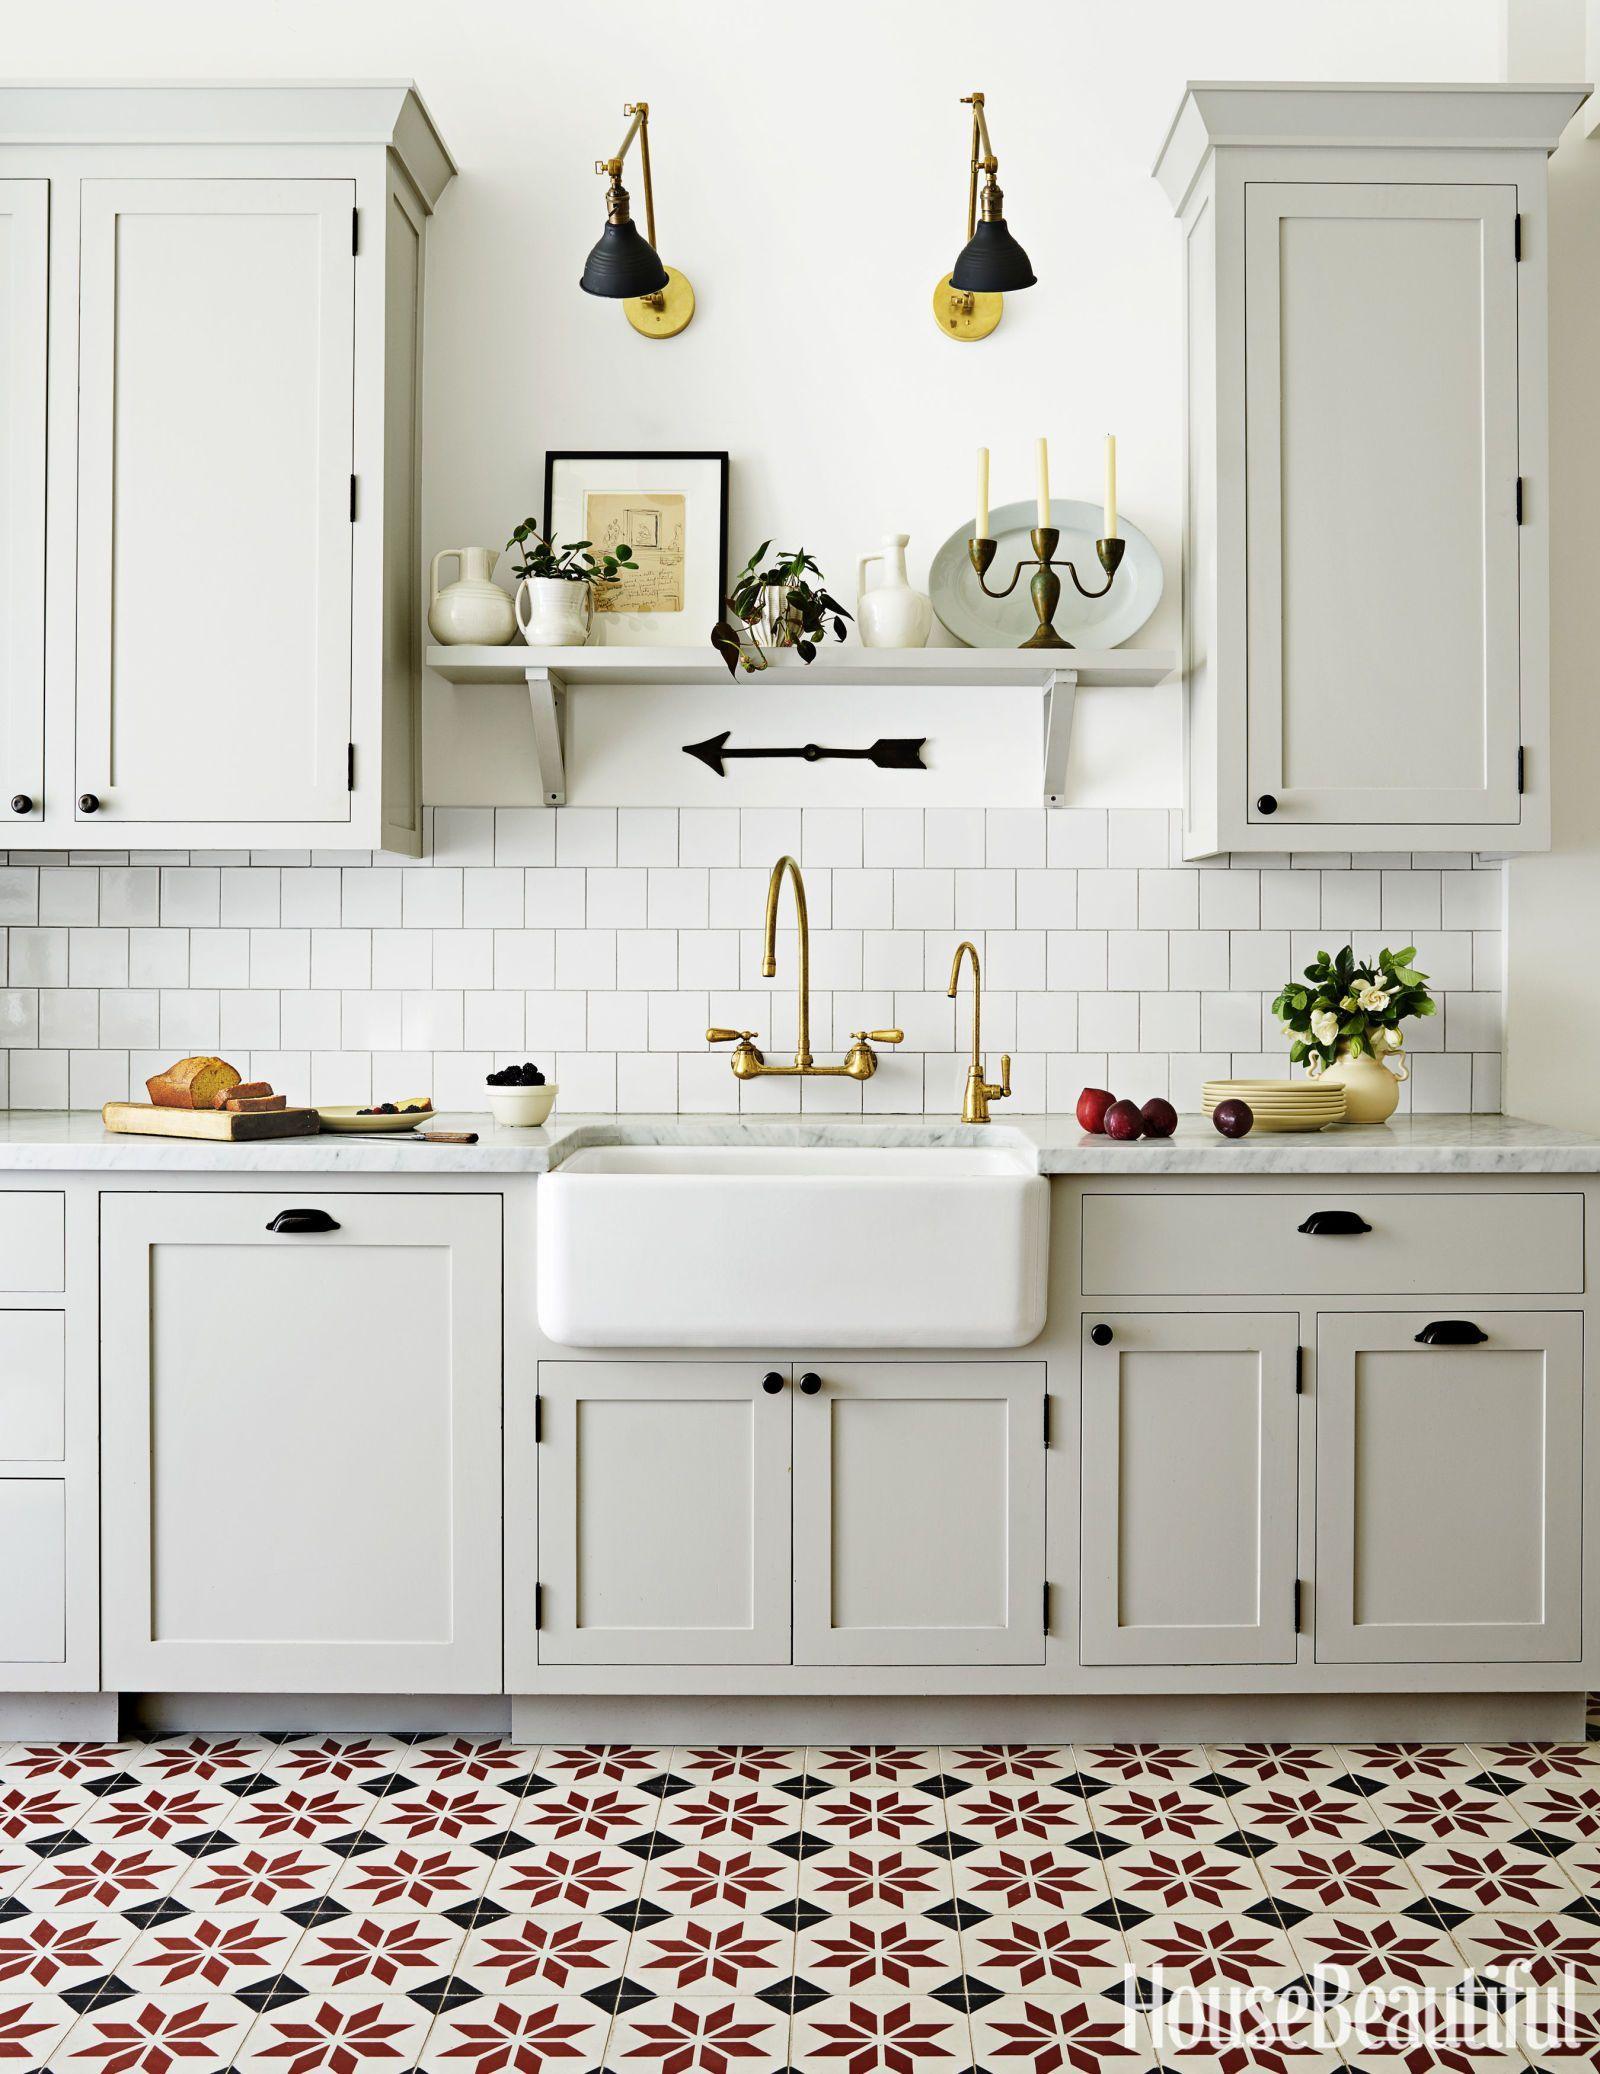 Kitchen Tile Backsplash With Br Schluter Strips Https Www Onechitecture 2017 09 16 37 Amazing